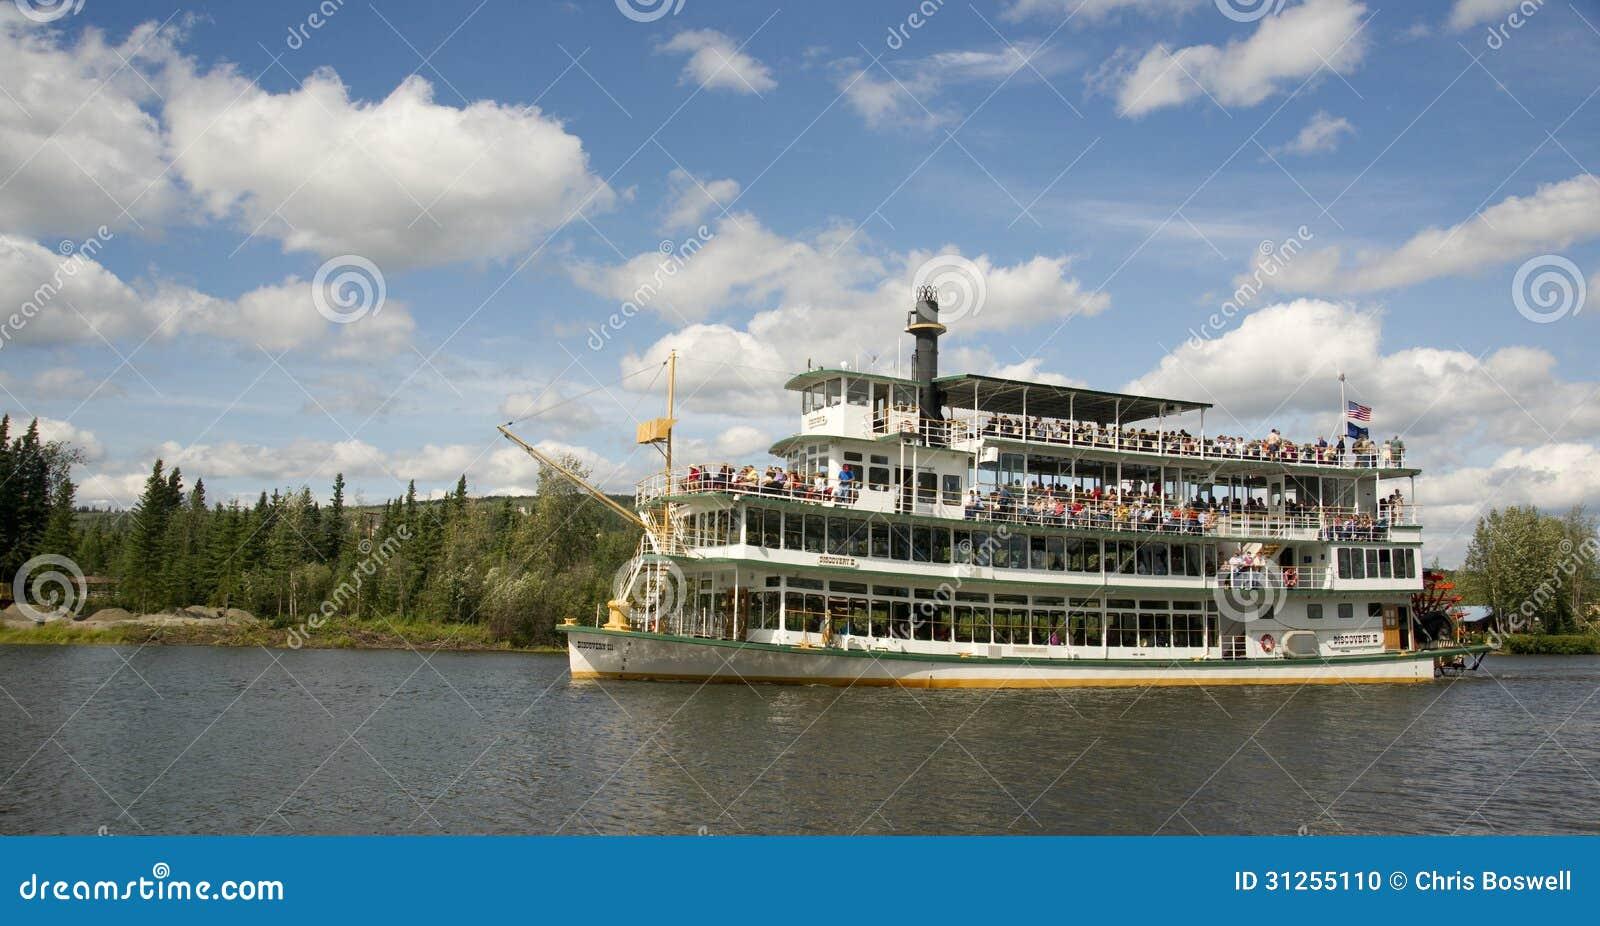 Sternwheeler Riverboat Paddle Steamer Vessel Moves ...